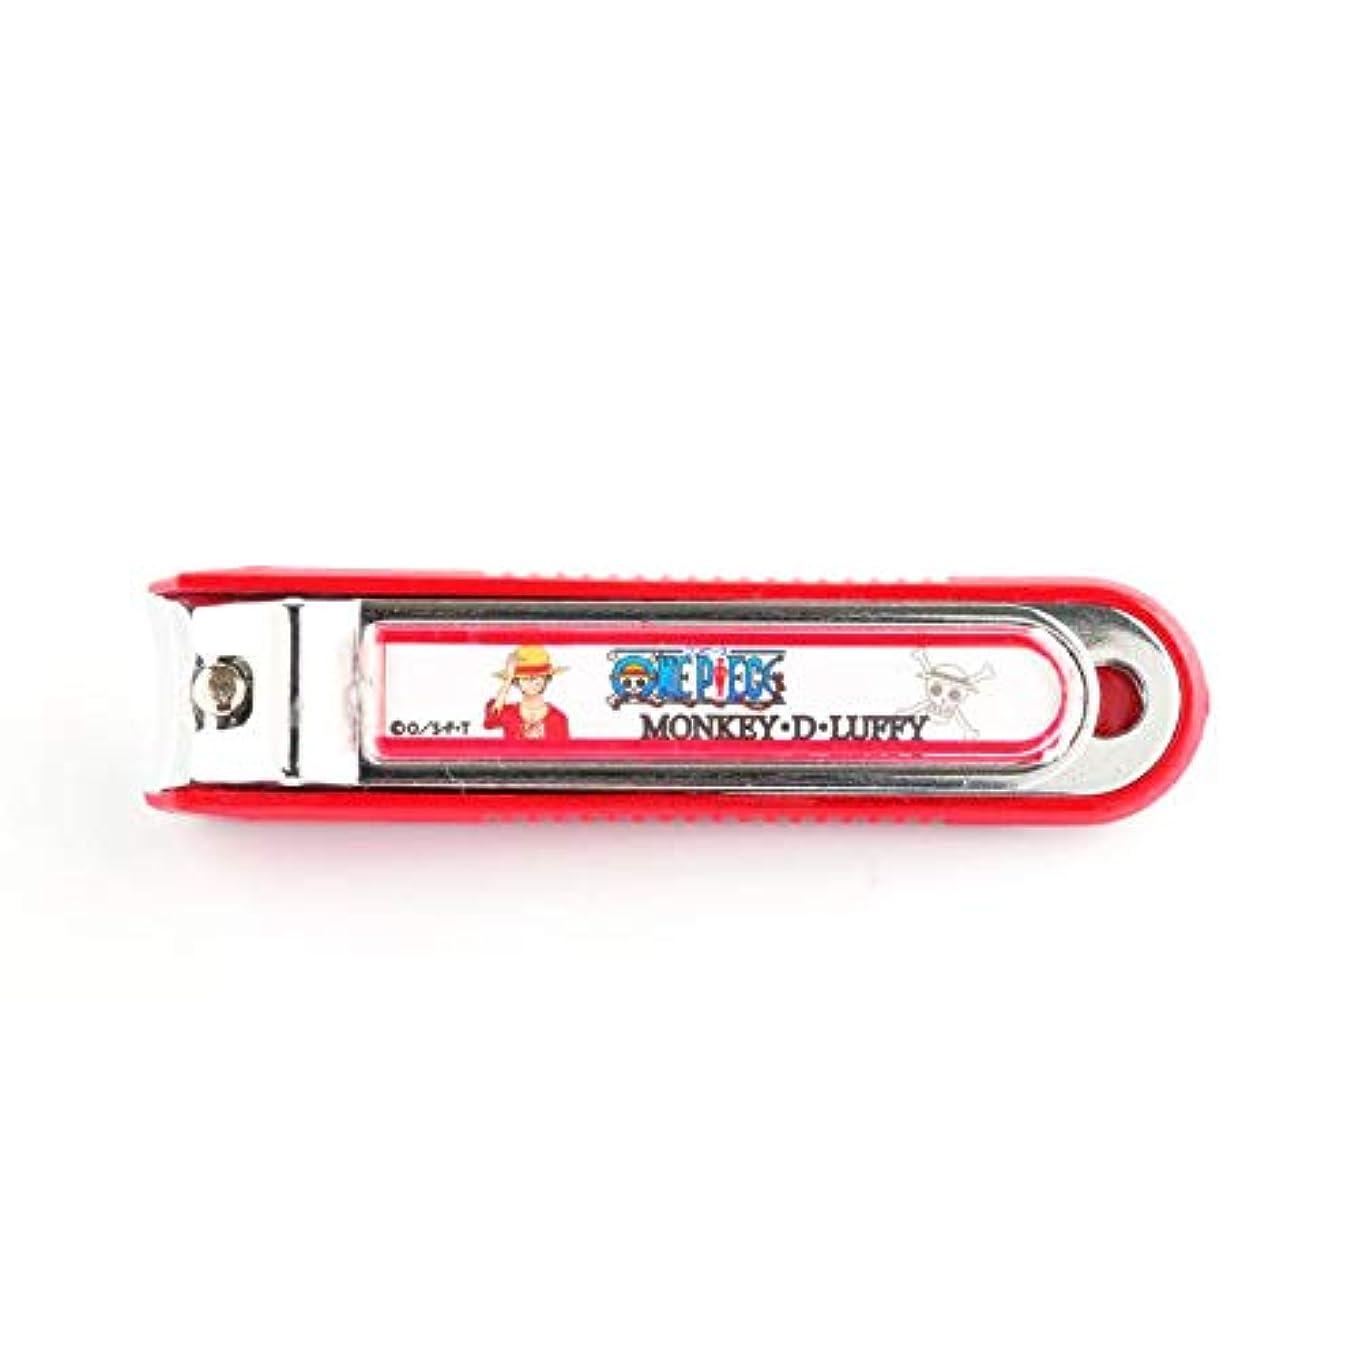 不屈コスト宣伝ニッケン刃物 デザイン小物 ルフィ 1.5×2×8cm ワンピース爪切り ON-850L